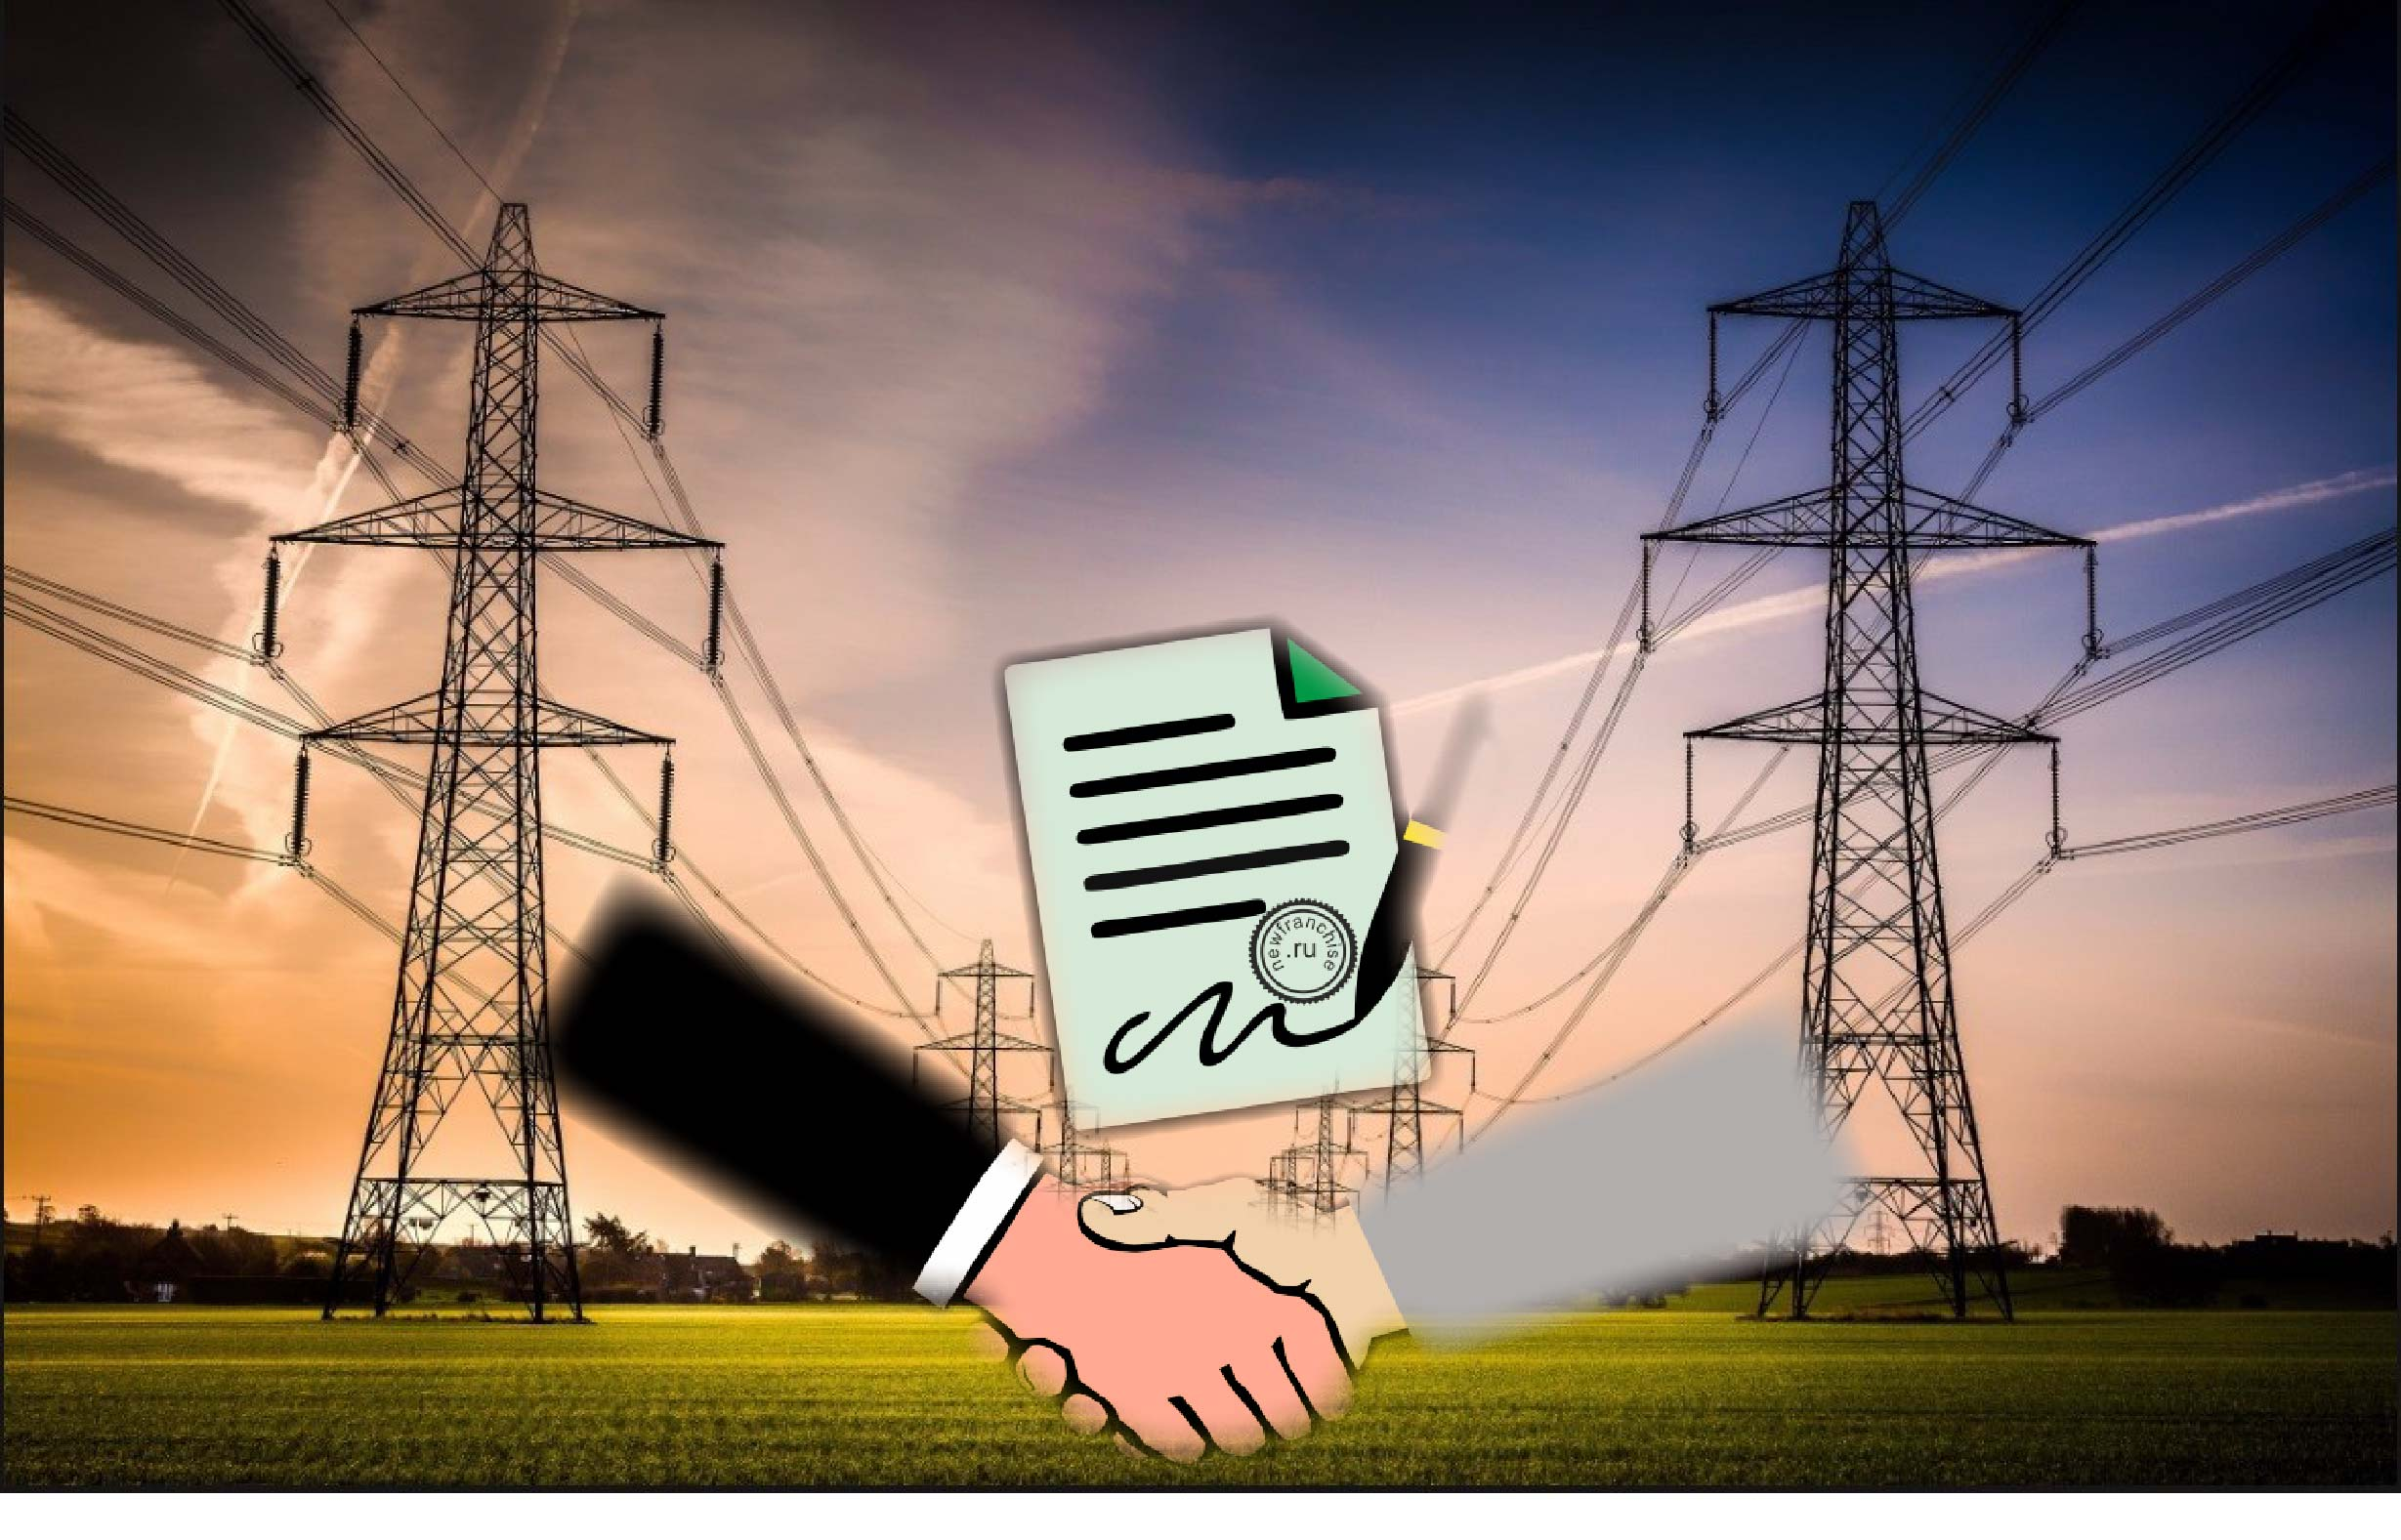 Договоры энергоснабжения, заключаемые с управляющими организациями, на 2021 год